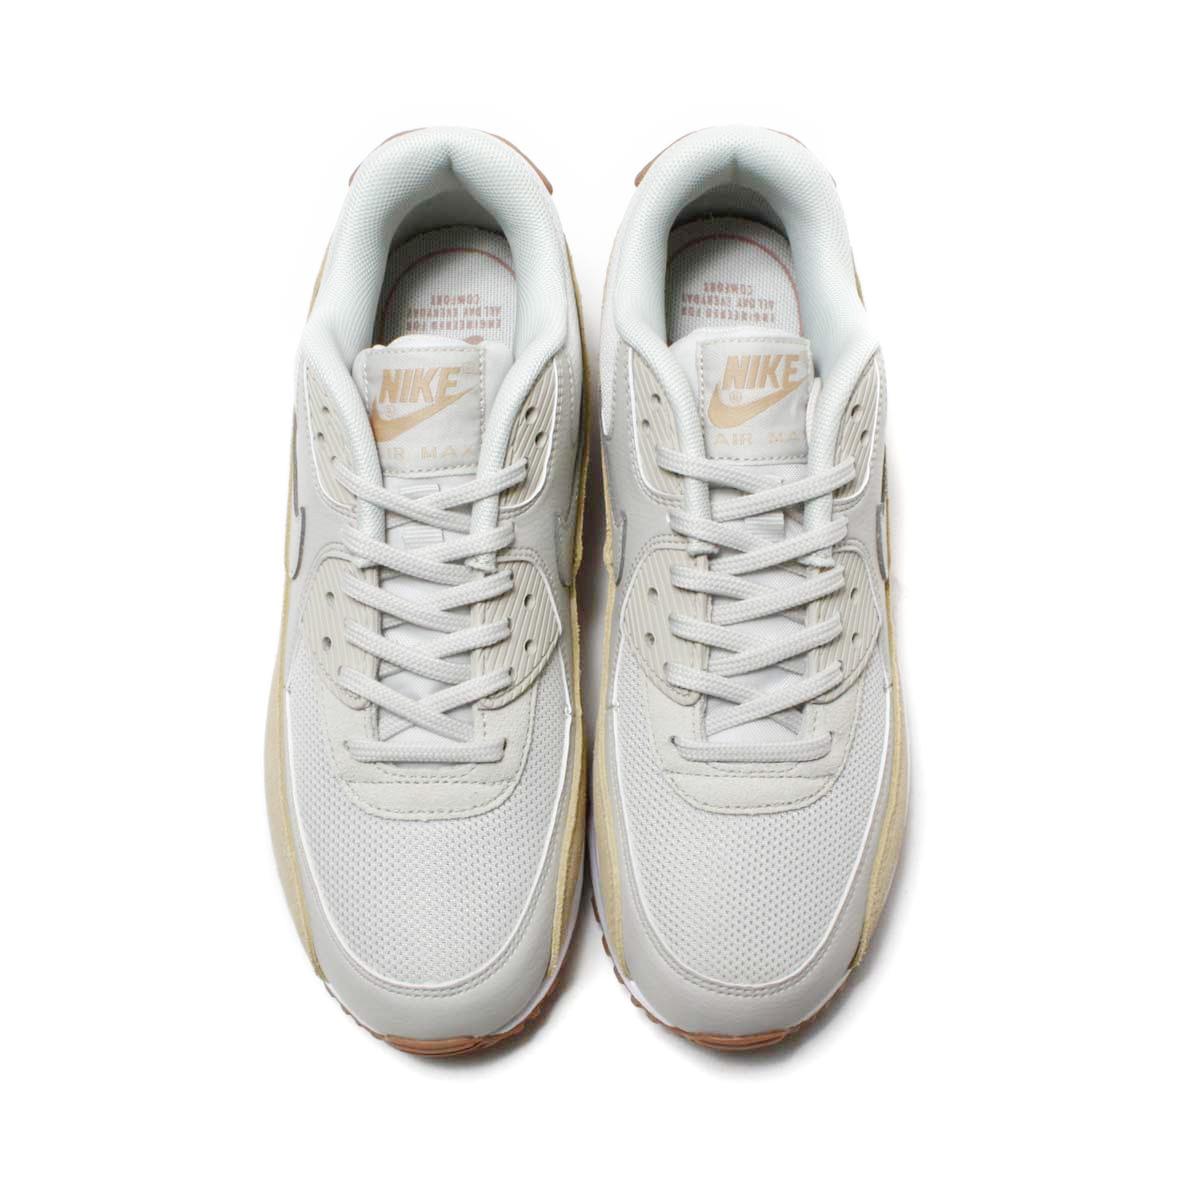 official photos e3abc 7d2e6 ... NIKE WMNS AIR MAX 90 (Nike women Air Max 90) (LIGHT BONE  ...